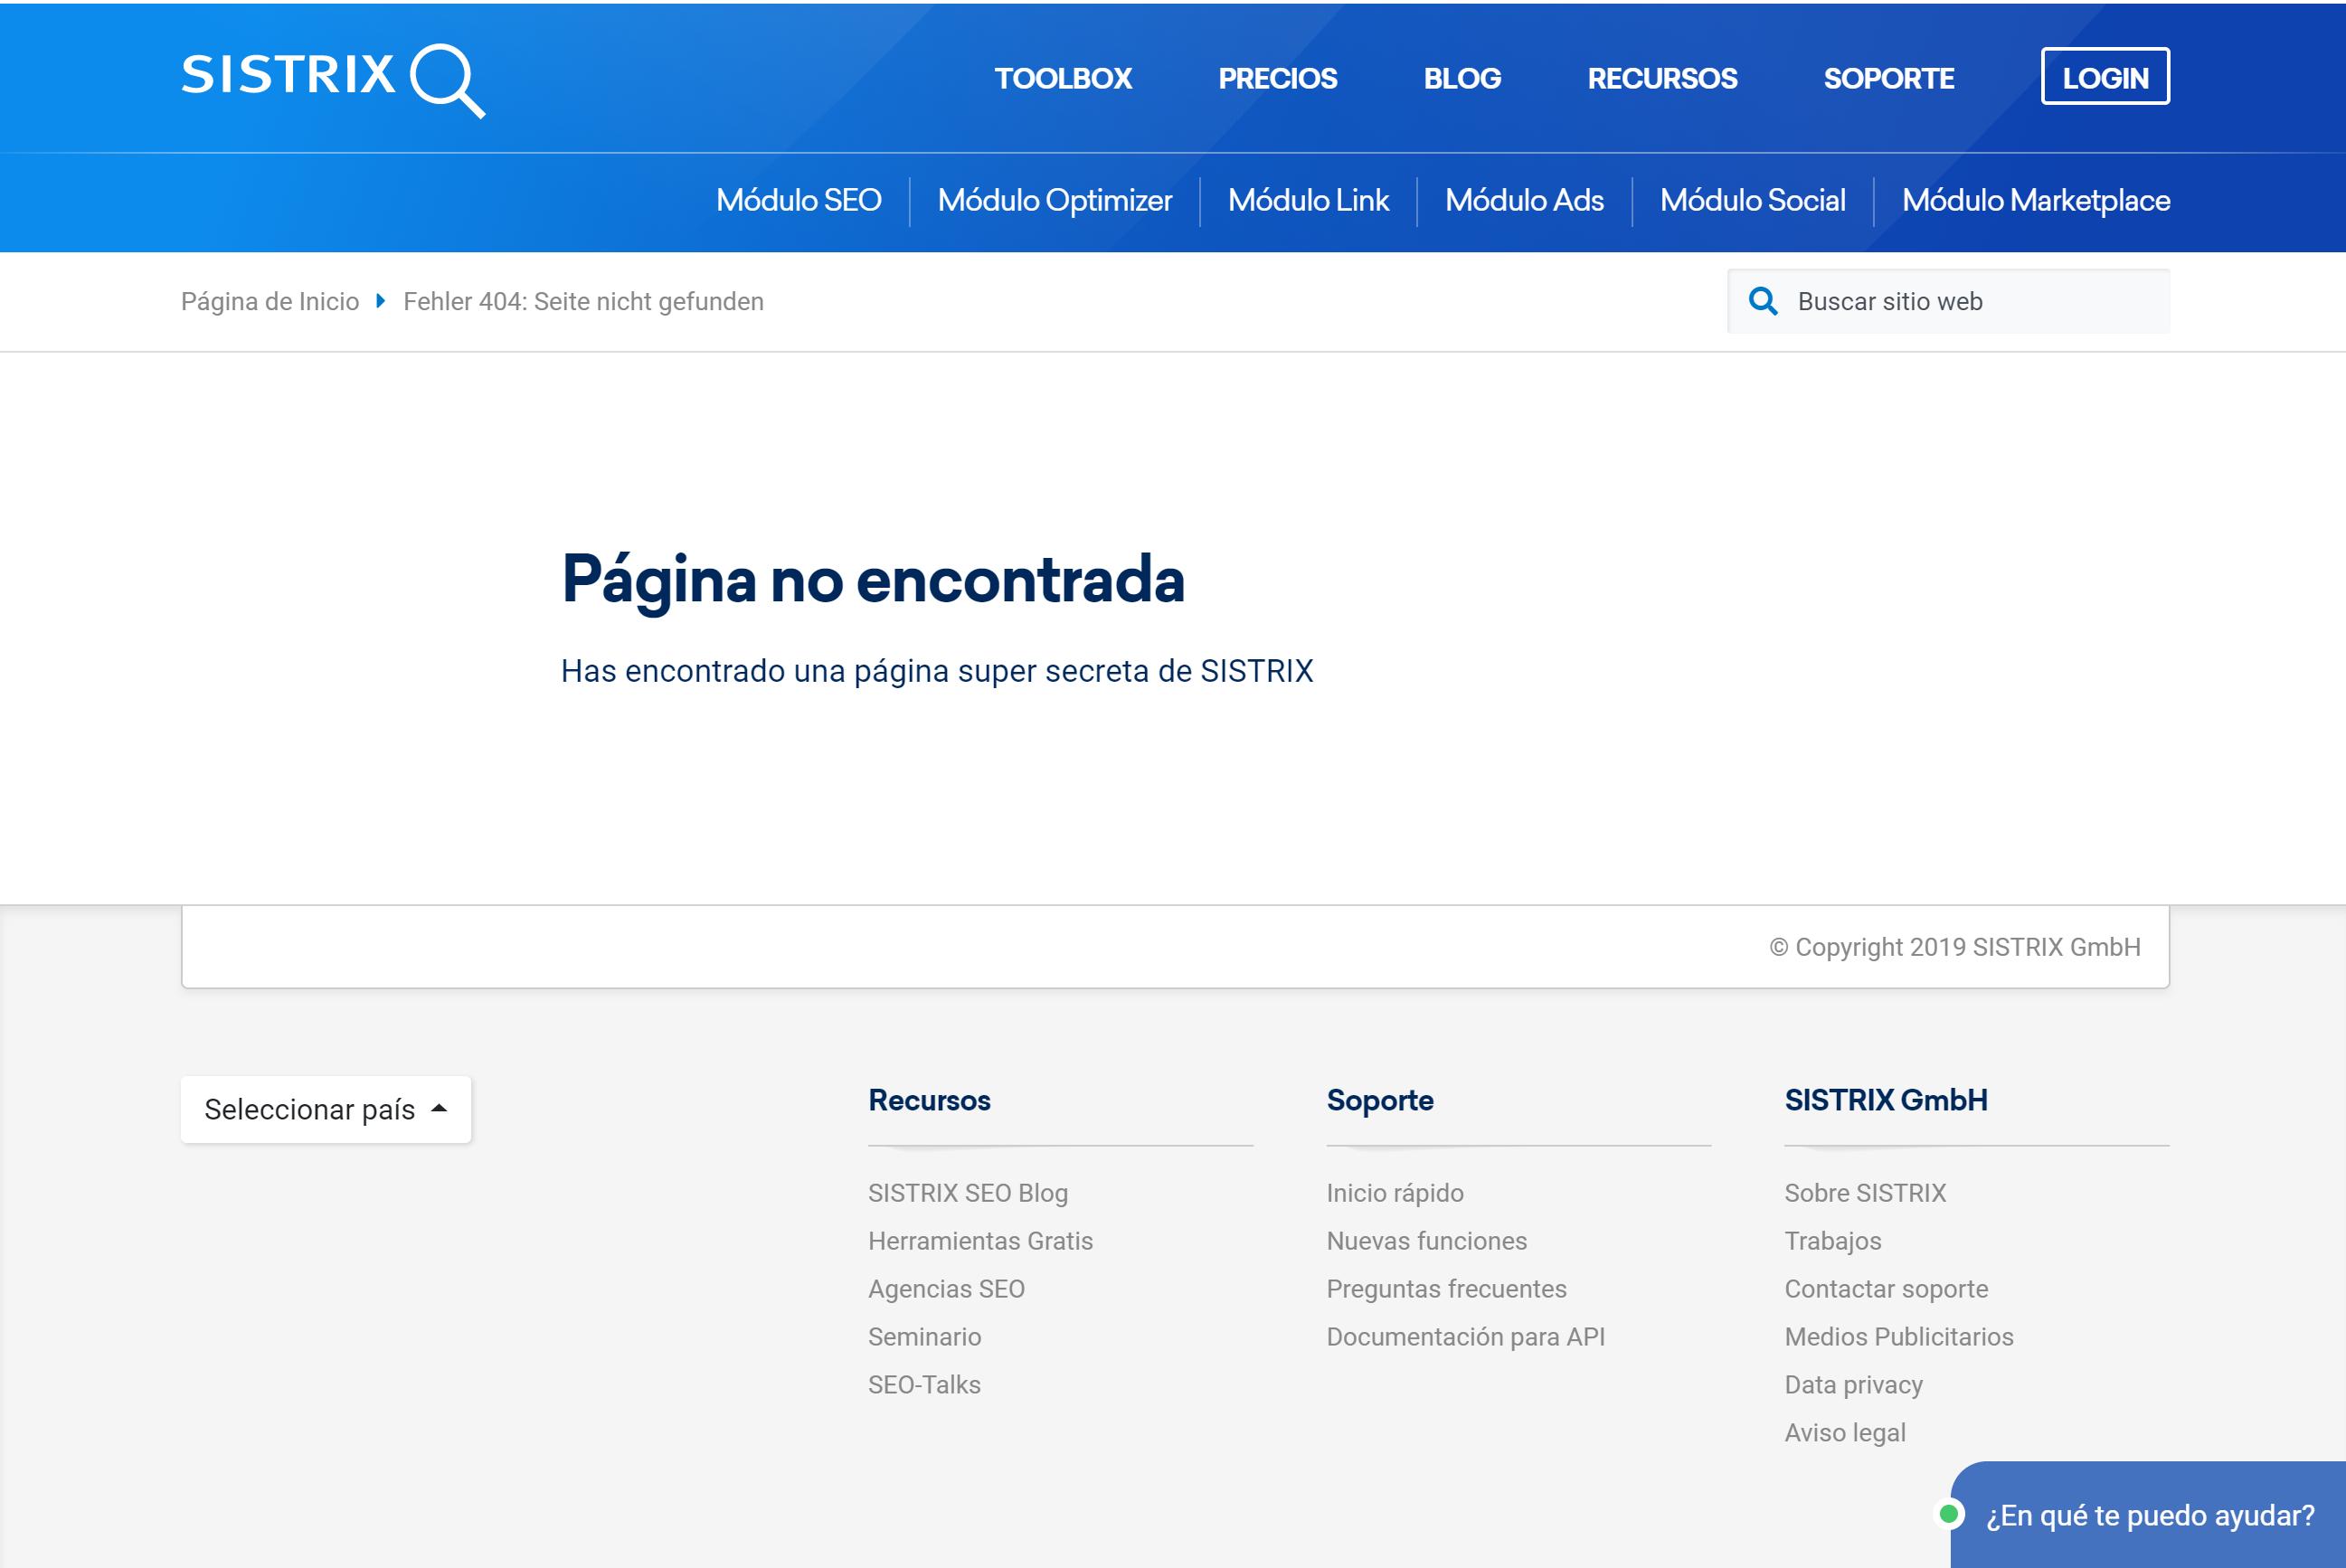 la búsqueda de la URL https://www.sistrix.es/no-existe/ el servidor muestra una página errónea 404 correcta, incluyendo el código de estado HTTP